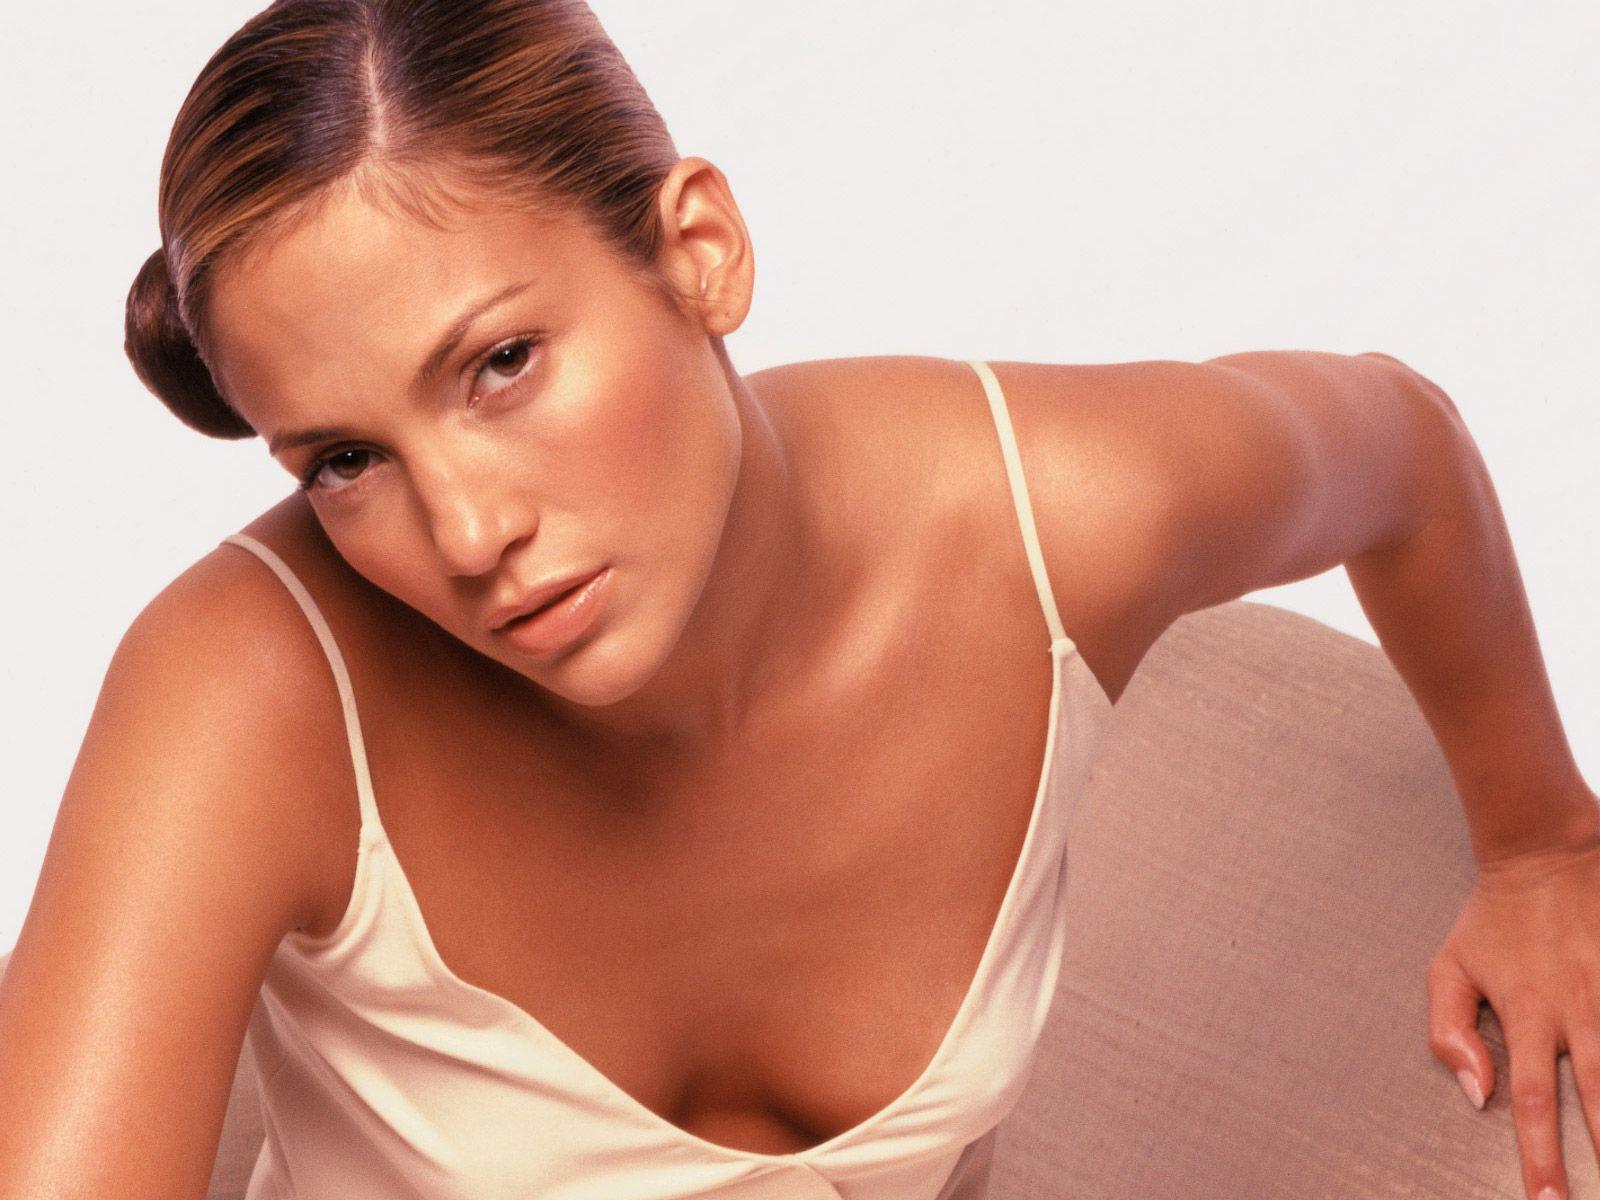 http://1.bp.blogspot.com/-KmHyCLiu0Uc/UKOVF1Eqk3I/AAAAAAAAA8g/DT-322kdGck/s1600/Jennifer+Lopez+HD+2012+Wallpapers+1600+X+1200+(3).jpg